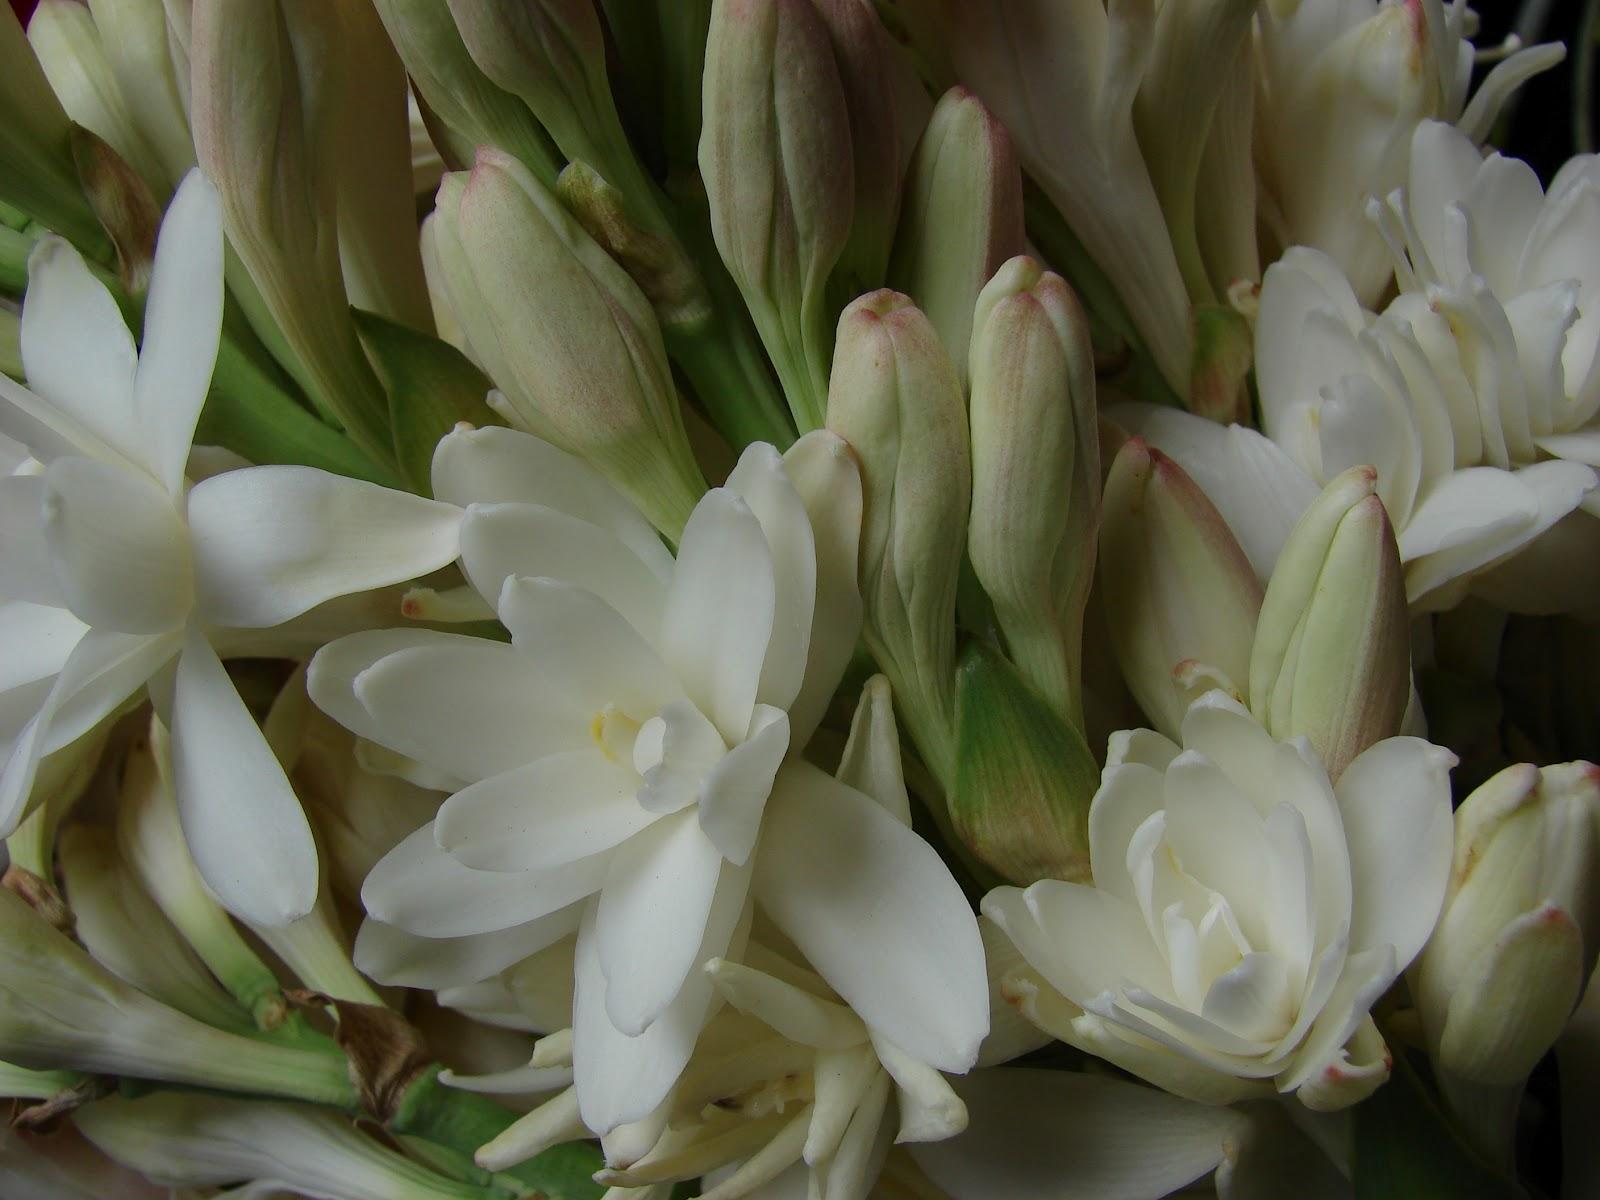 Casaflorida: Nardos, unas flores bellas y olorosas